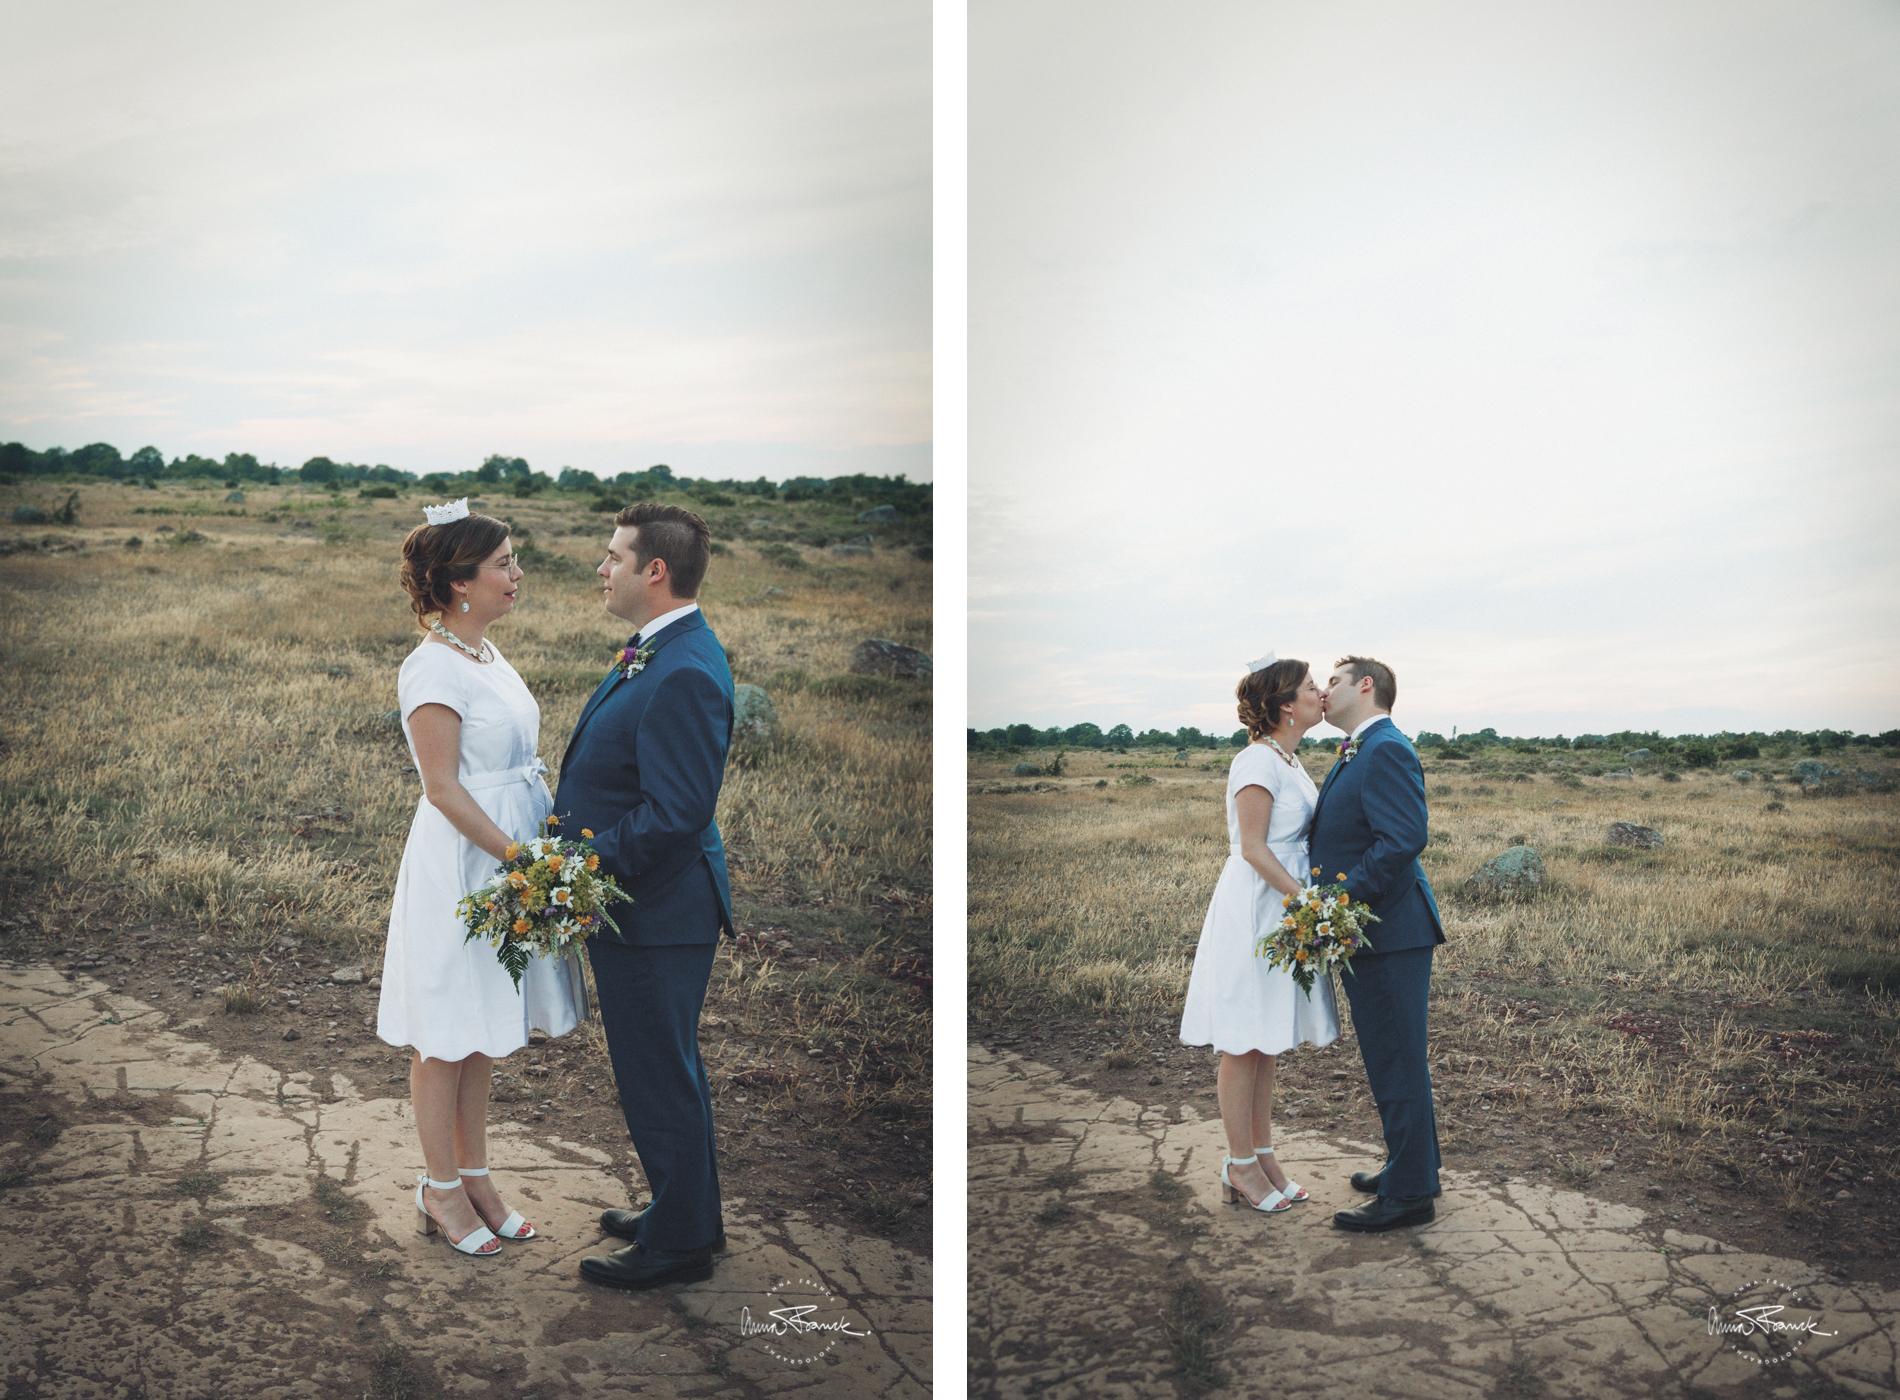 wedding, bröllop, öland, sverige, sweden, alvaret, bride, dress, wild, flowers, nature, vildblommor, romantik, avslappnat, brudklänning